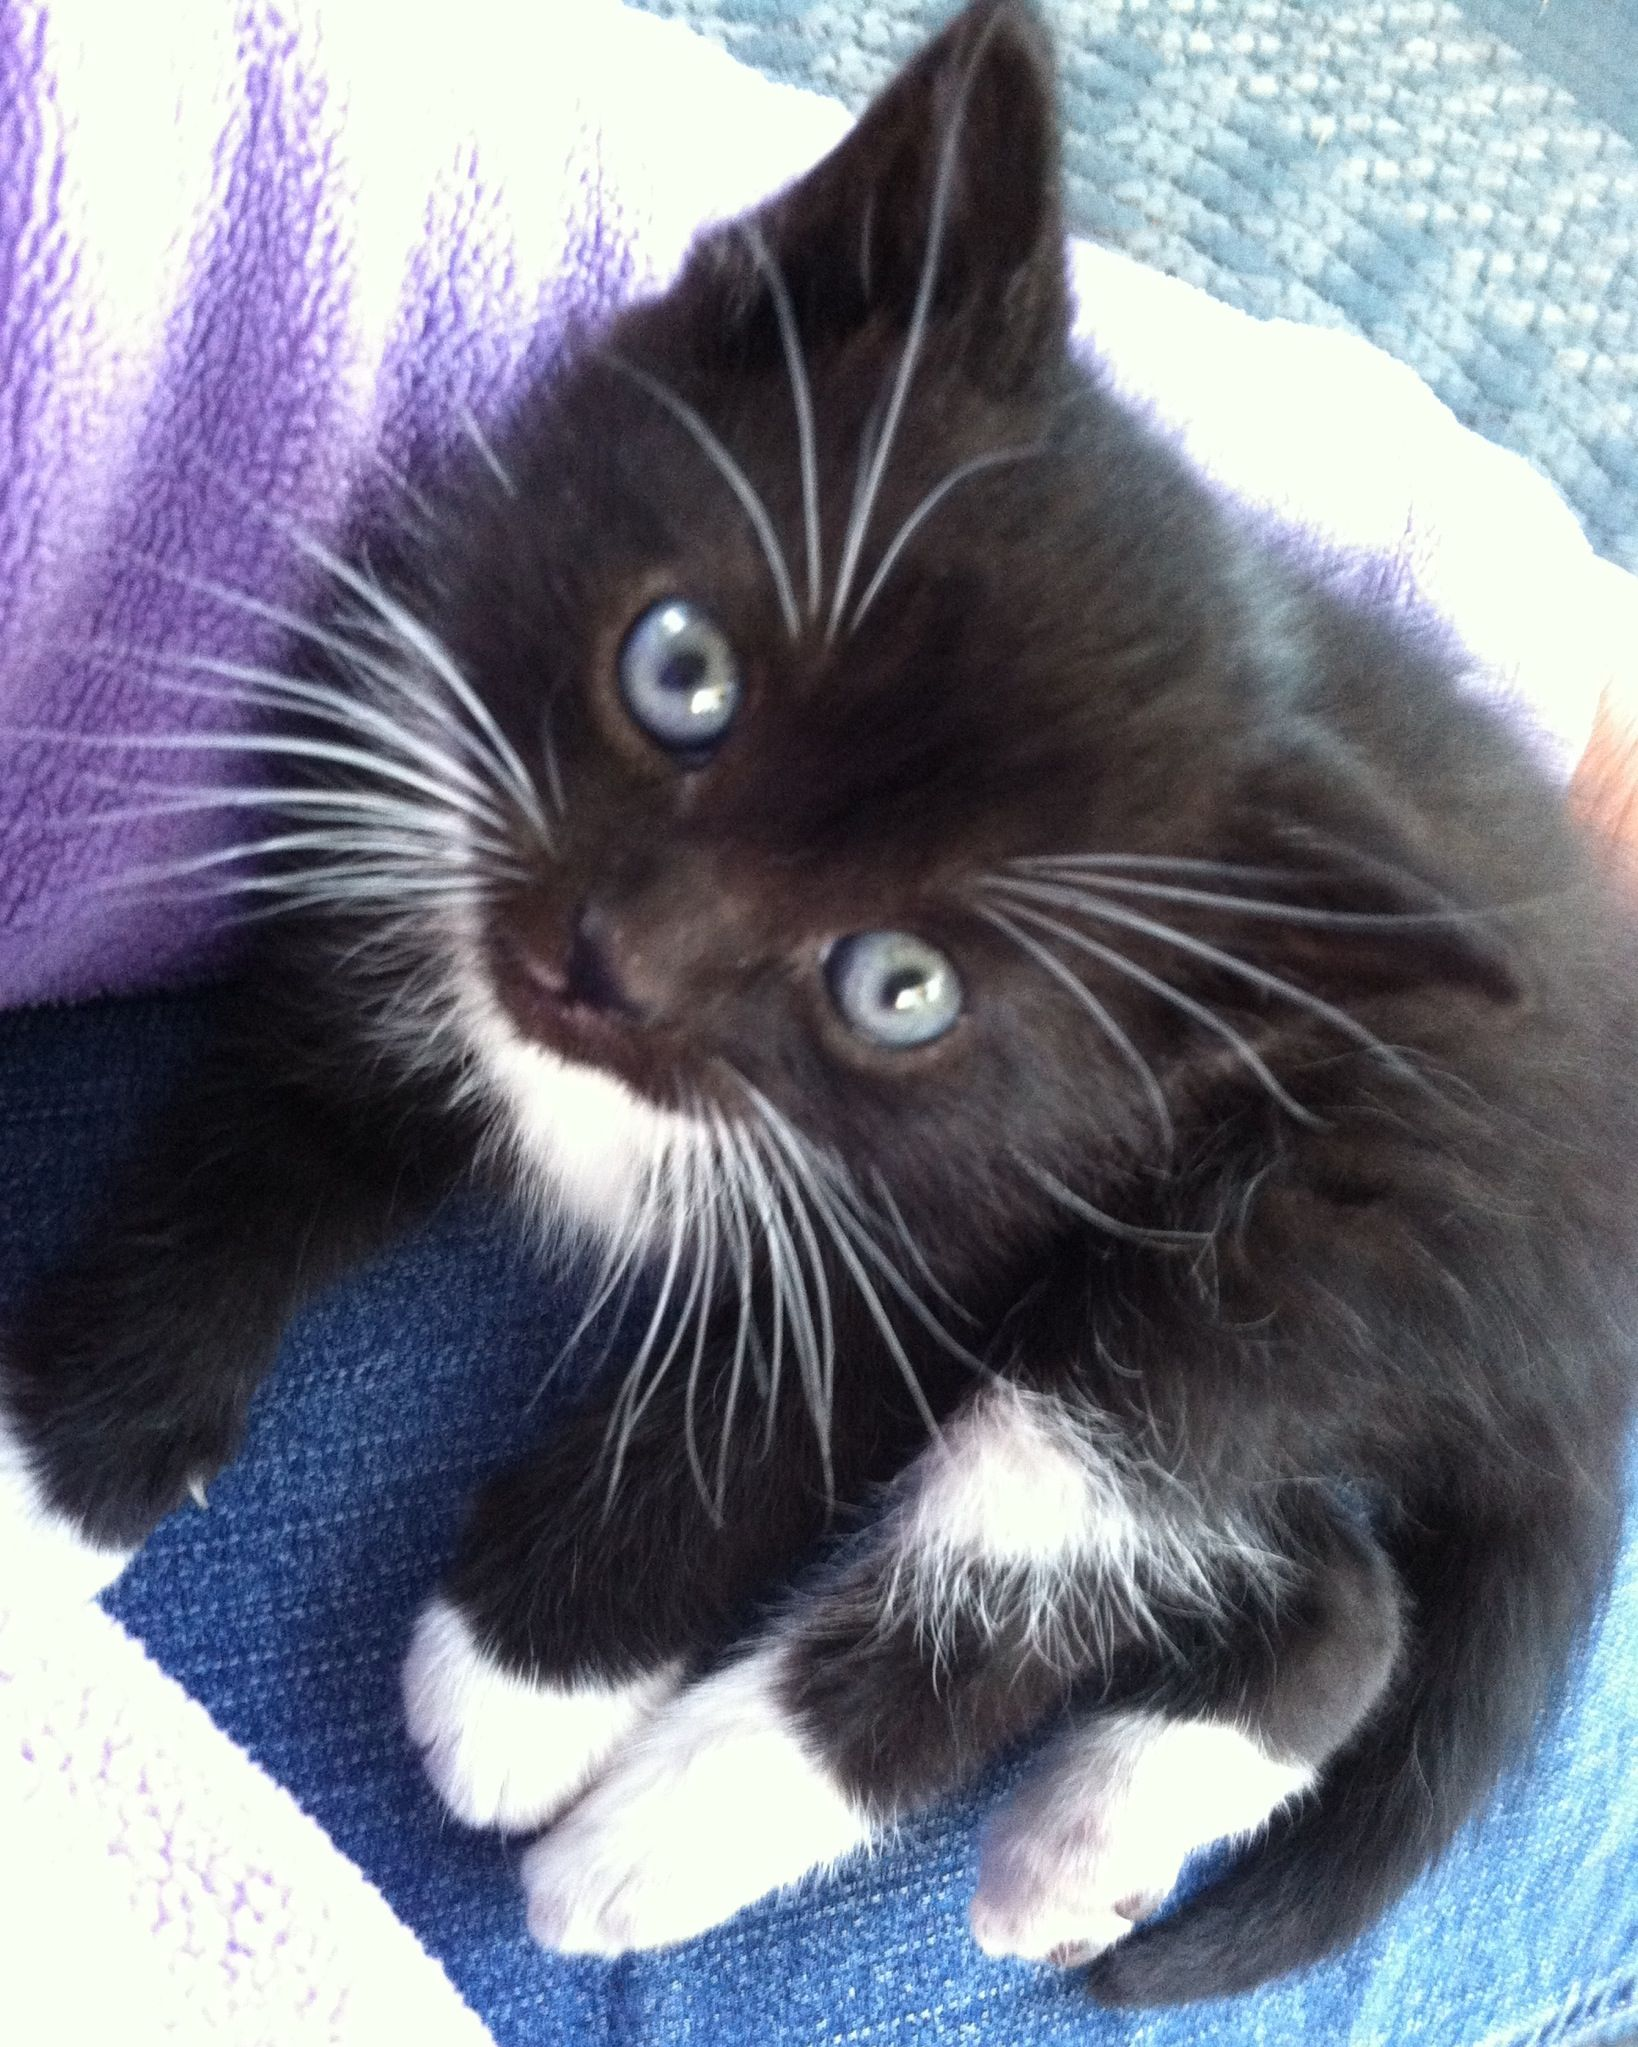 Tuxedo kitten, 6.5 weeks old. Beautiful cats, Tuxedo